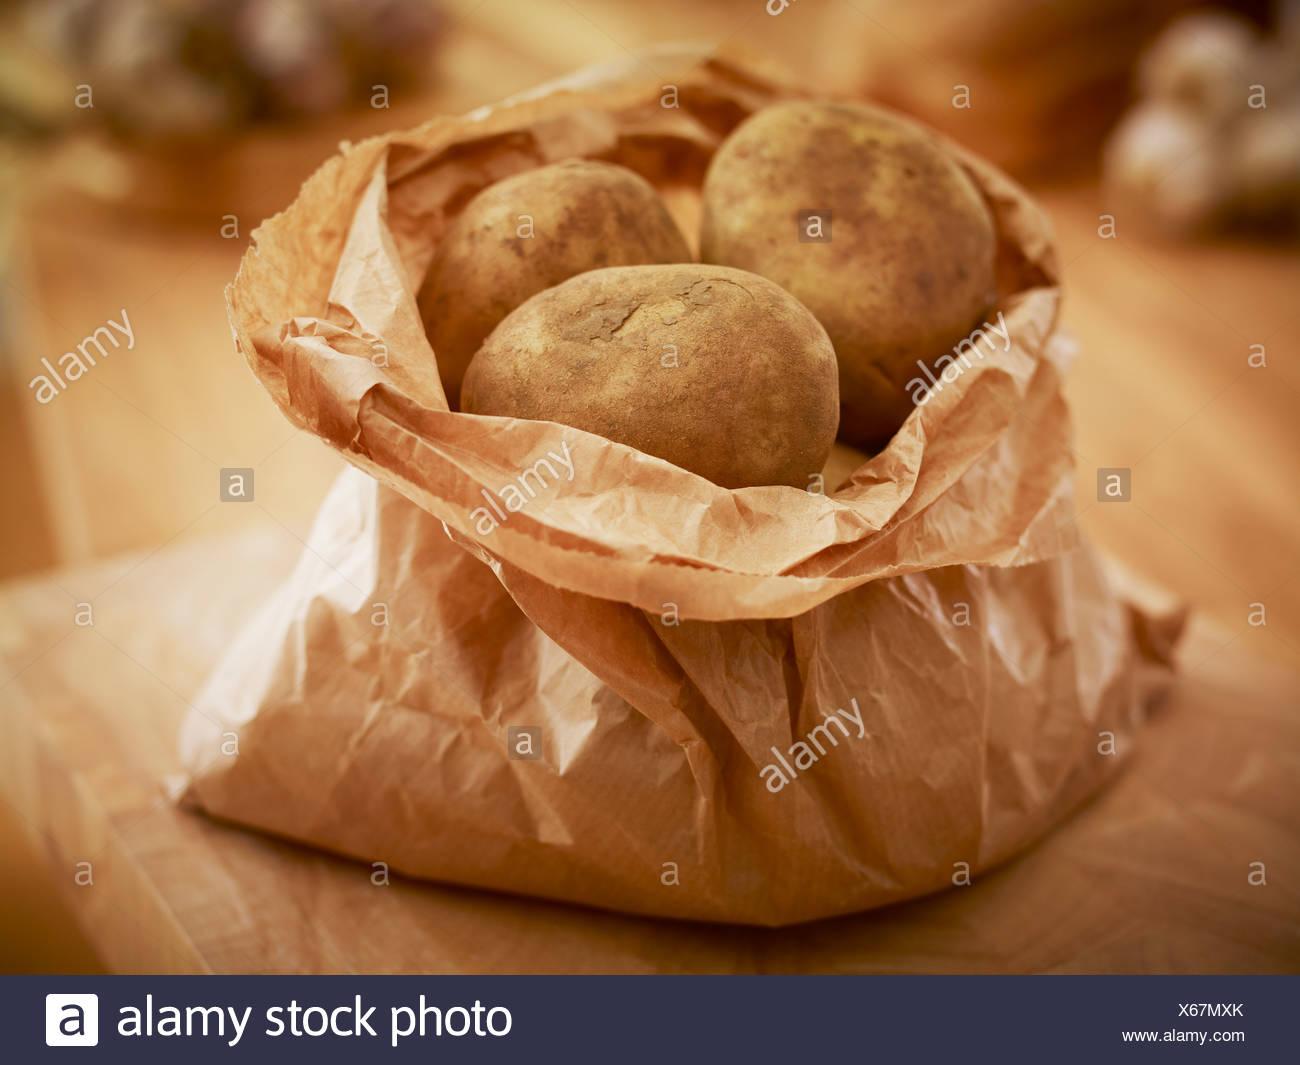 Organic potatoes in paper bag - Stock Image